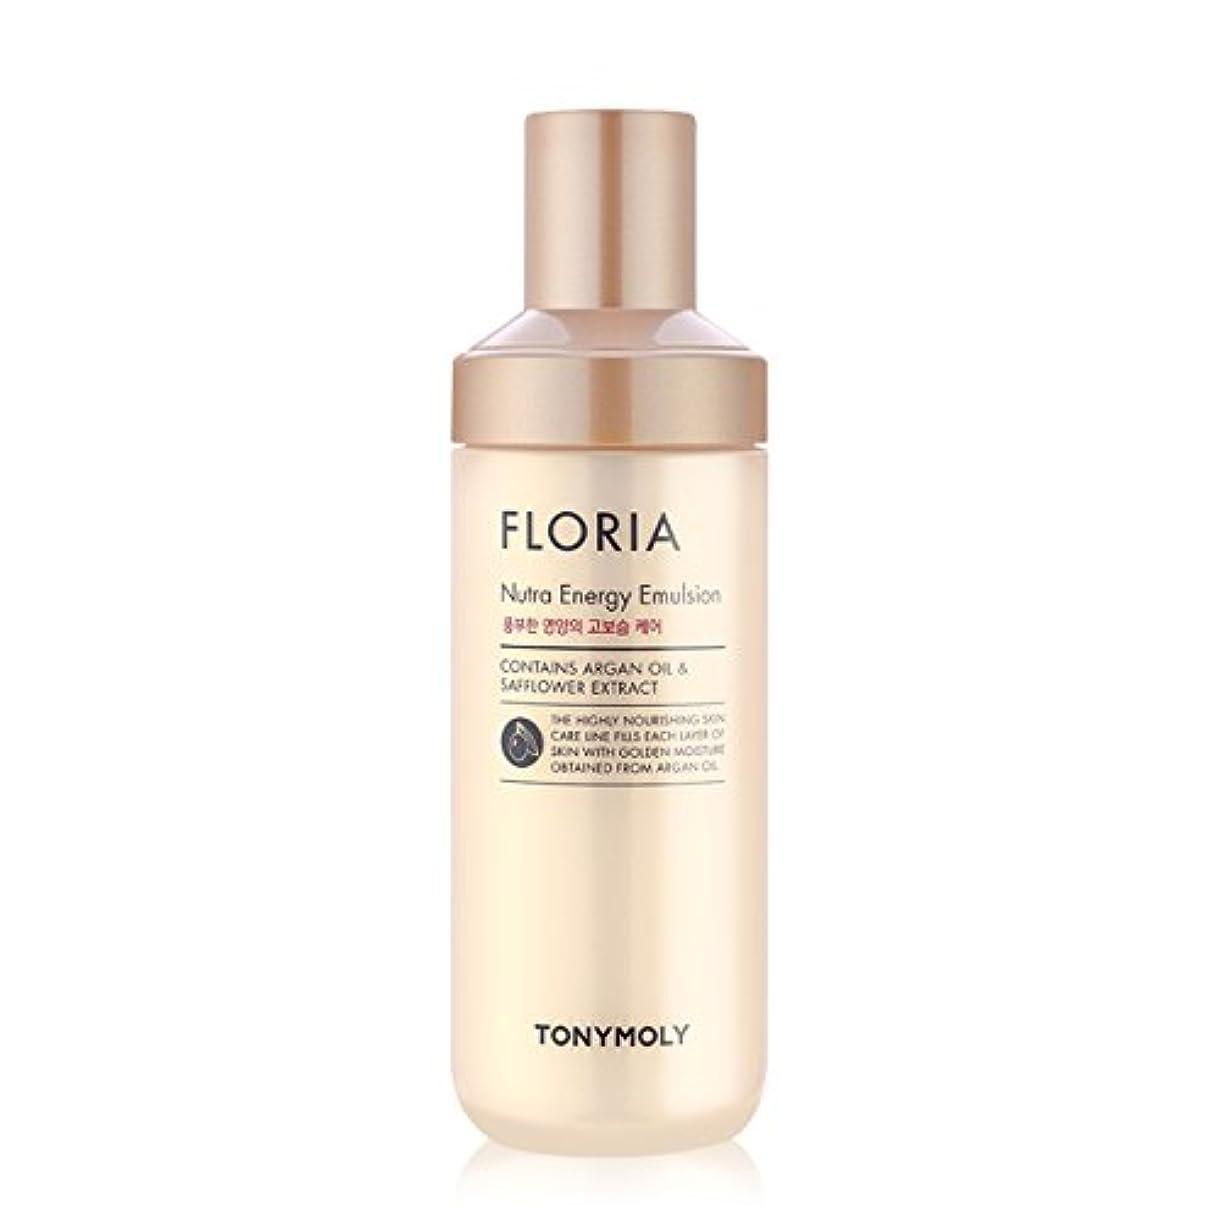 玉合計削除する[2016 New] TONYMOLY Floria Nutra Energy Emulsion 160ml/トニーモリー フロリア ニュートラ エナジー エマルジョン 160ml [並行輸入品]